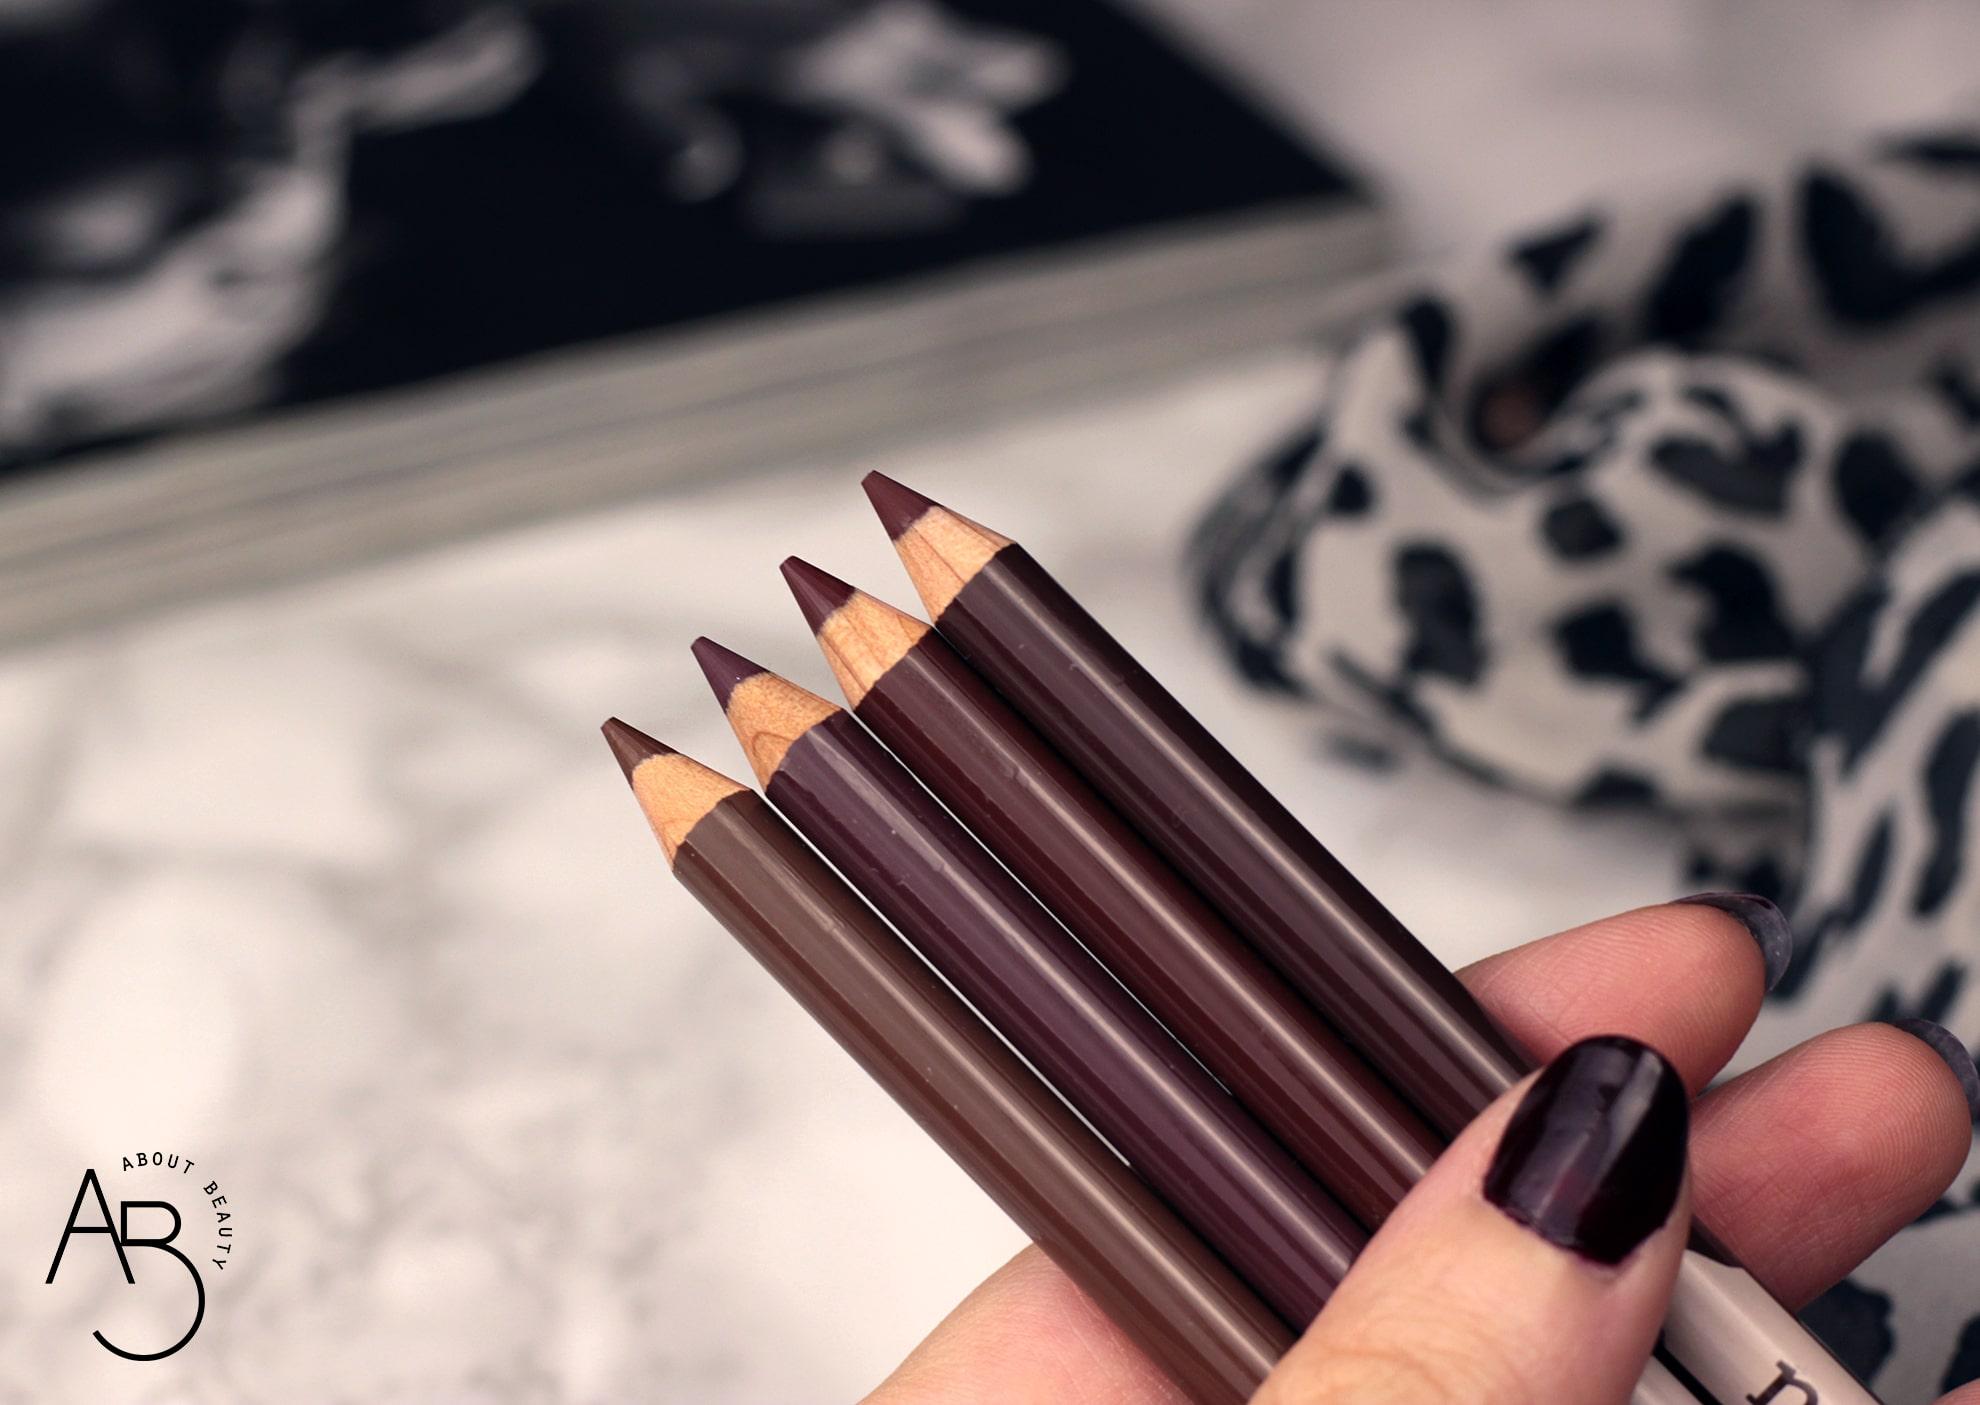 La vie en dark Neve Cosmetics rossetti pastello labbra - recensione review codice sconto opinioni info inci swatch comparazioni - About Beauty